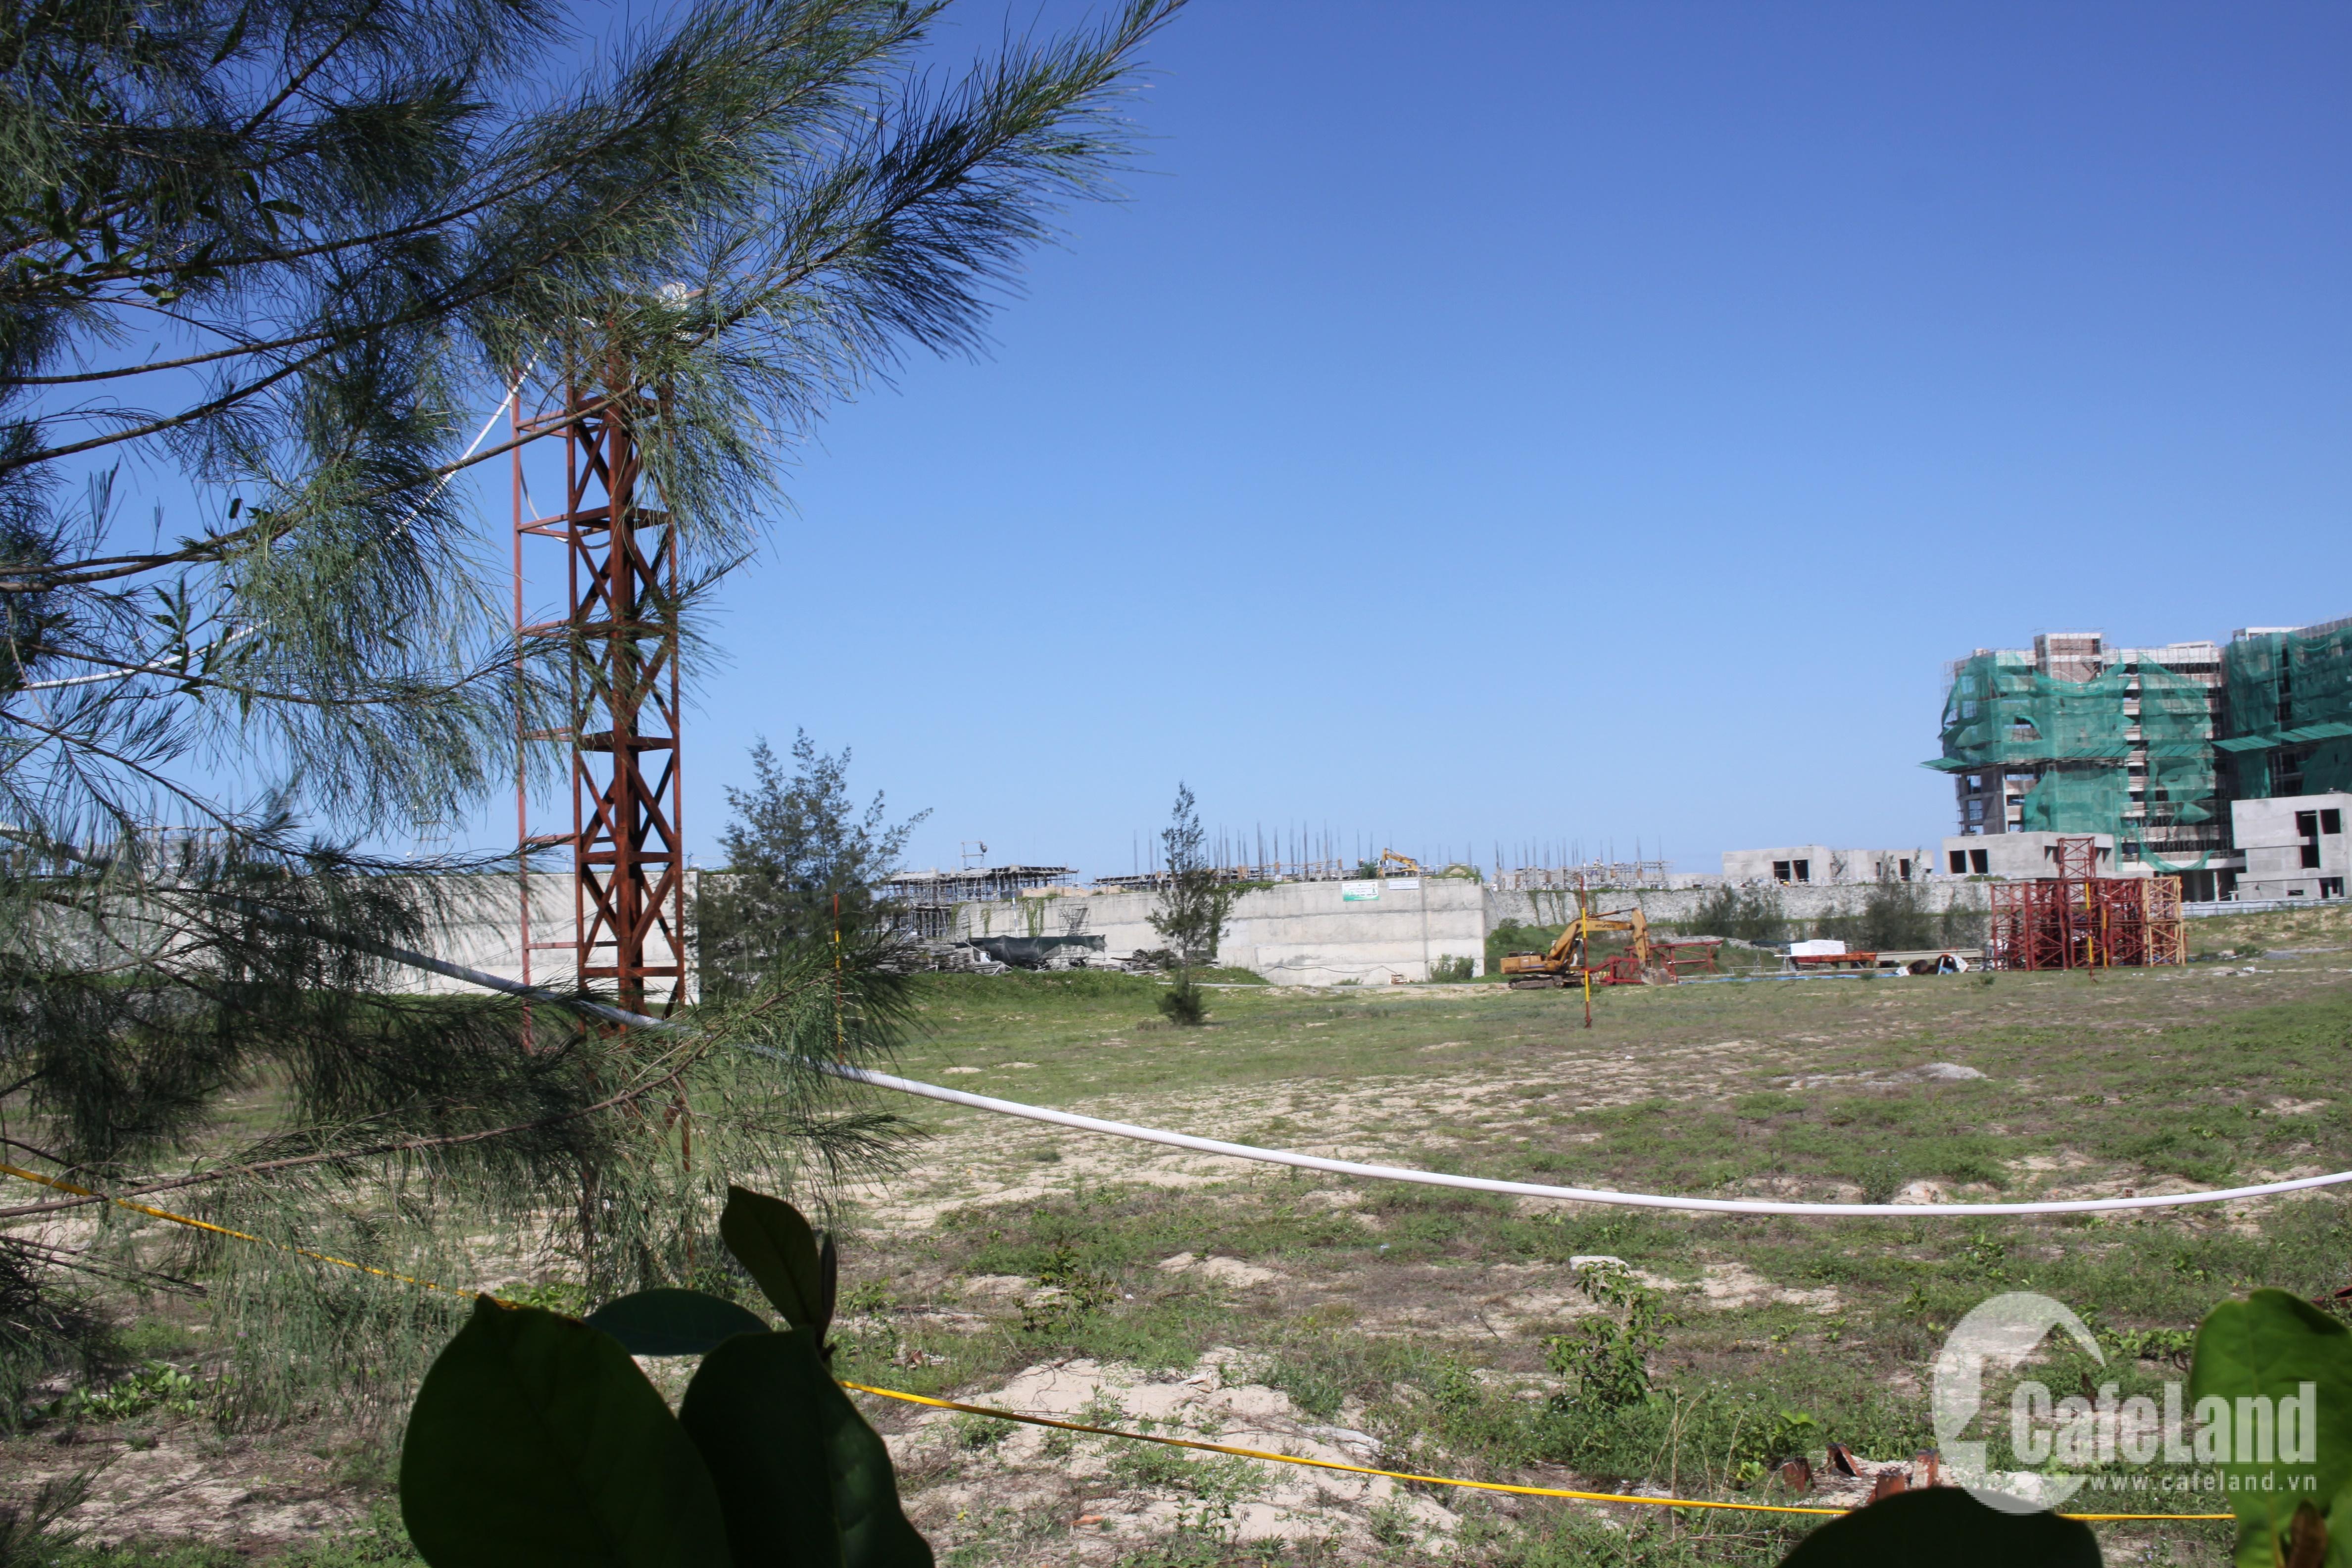 Giá đất ven biển Đà Nẵng tăng mạnh